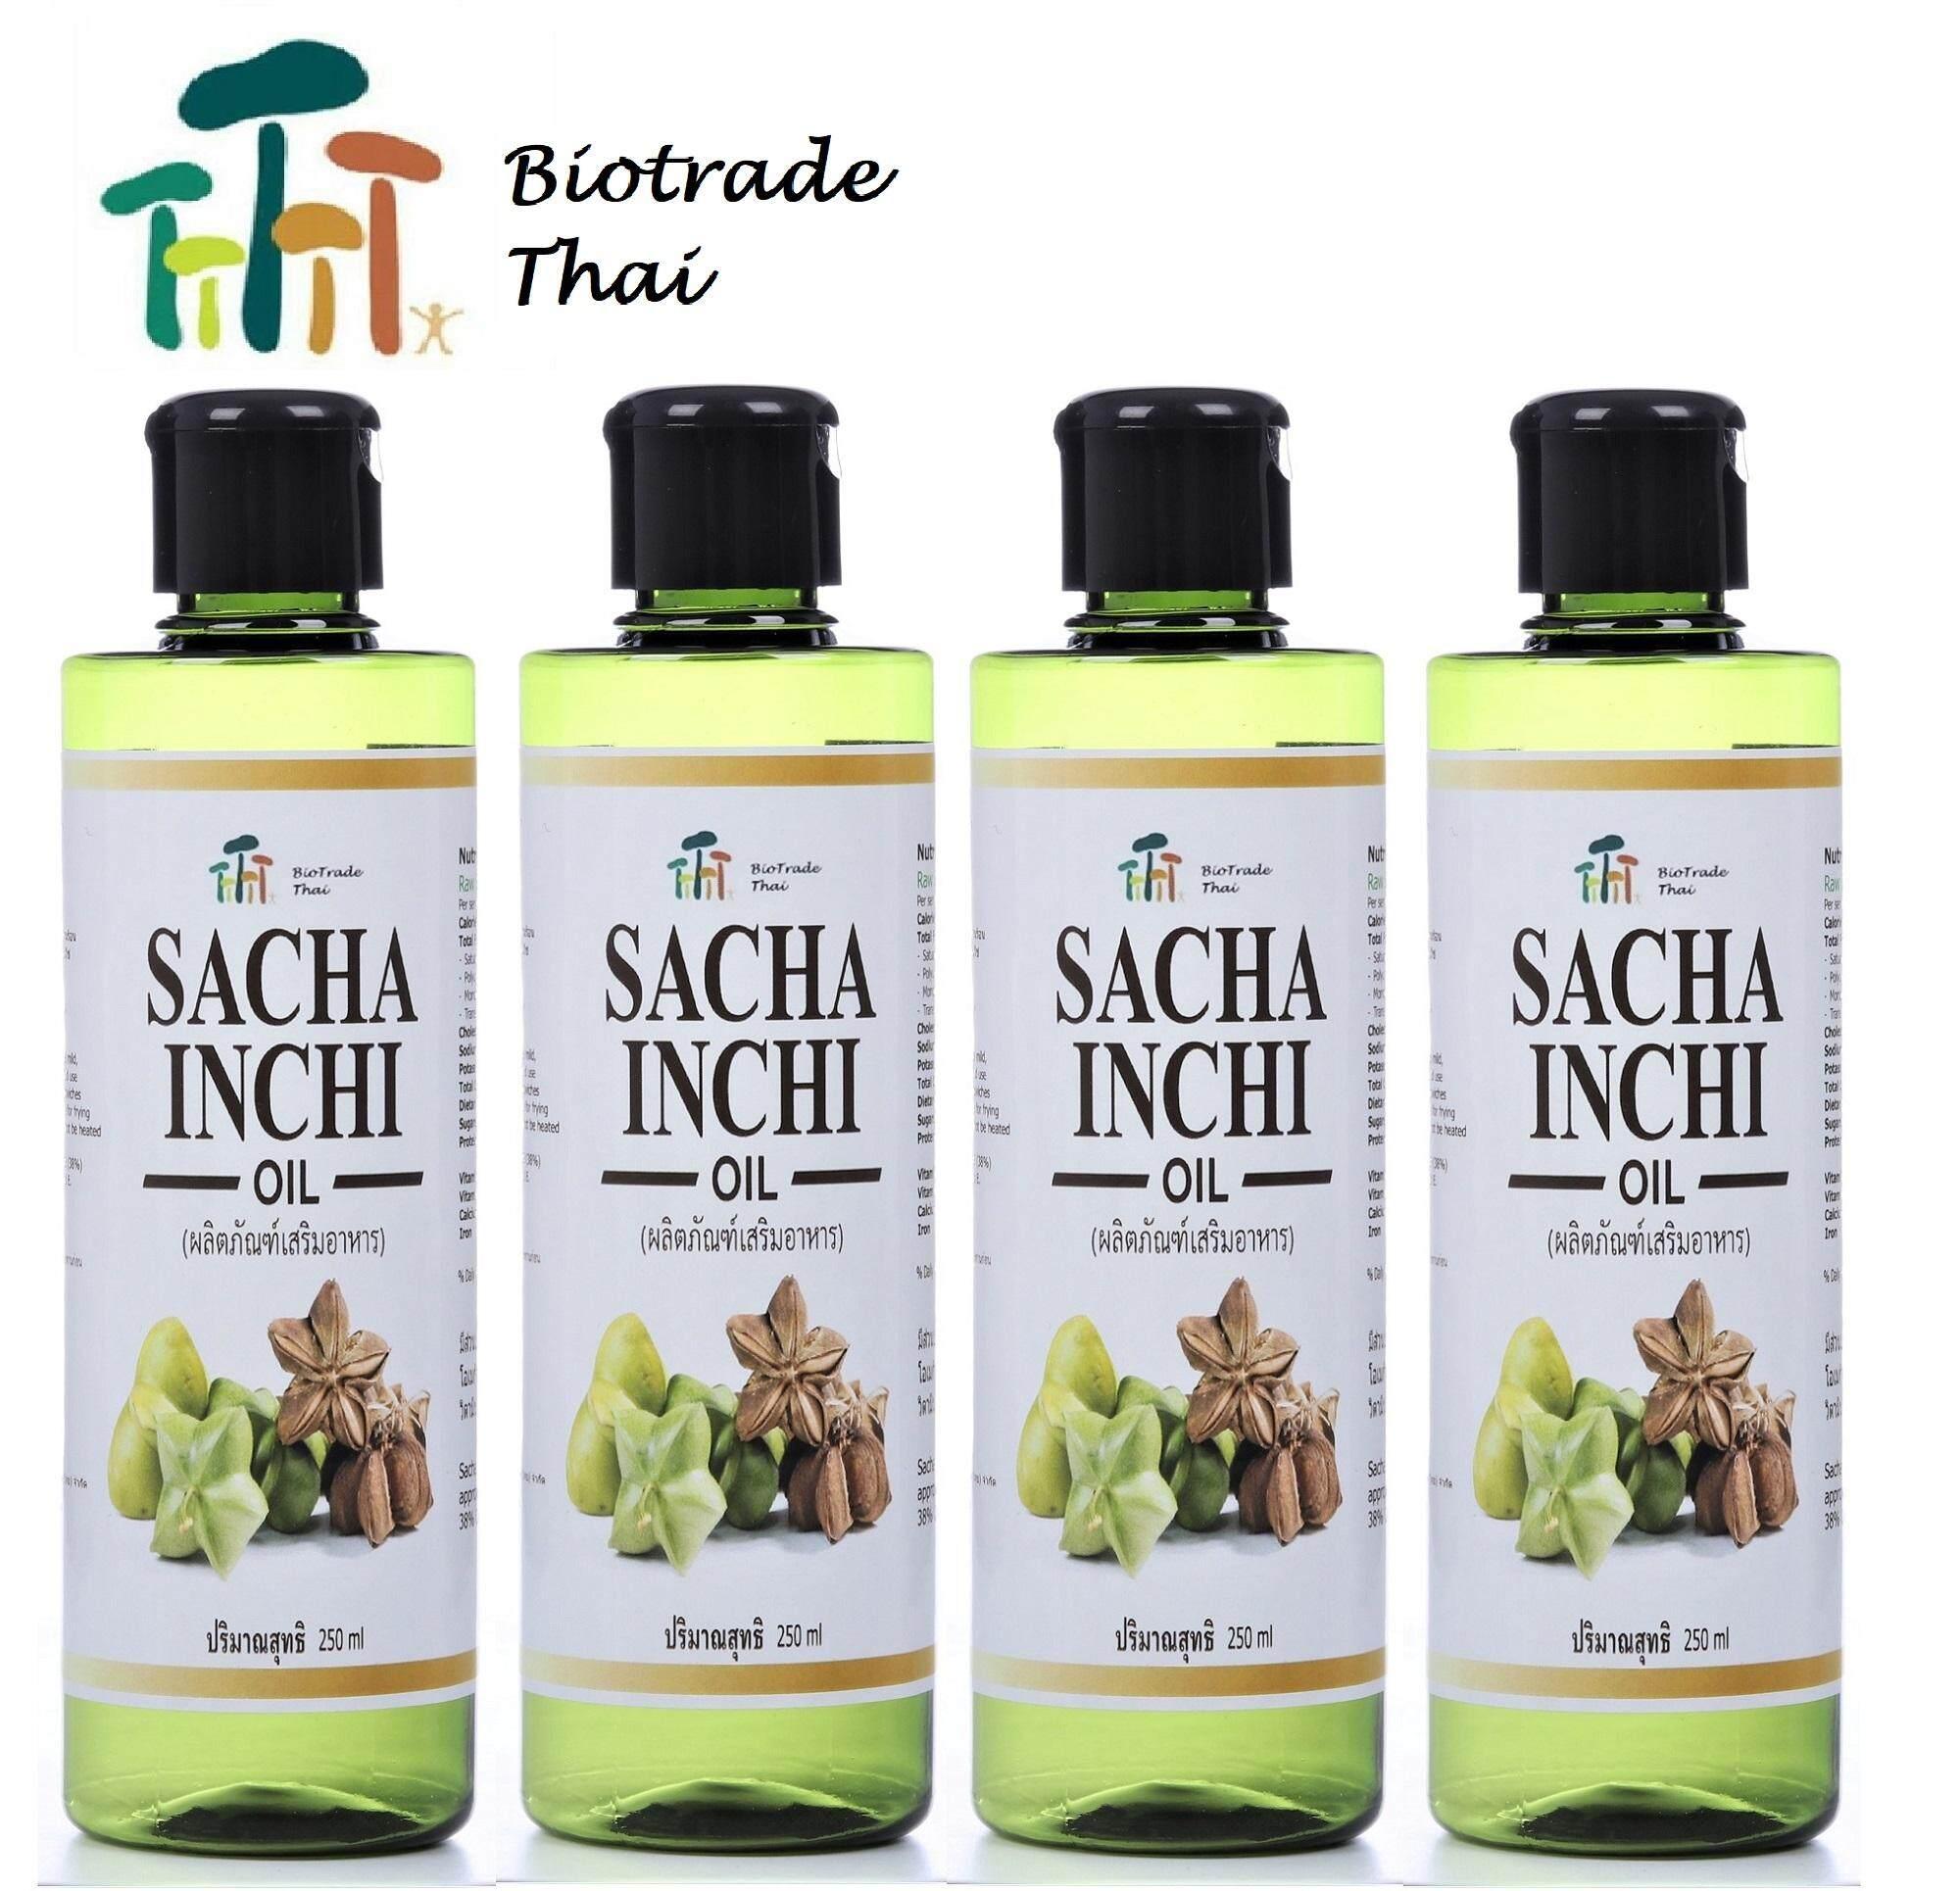 แนะนำ ไบโอเทรด (ไทย) น้ำมัน ถั่วดาวอินคา, สกัดเย็น, ไม่มีสิ่งอื่นเจือปน, 4 ขวด, 4 x 250ml; น้ำมันถั่วดาวอินคาสกัดเย็นชนิด; 4x Biotrade Thai Sacha Inchi oil 250 ml, cold pressed, virgin (4 bottles of 250 ml); Tua Dao Inca oil.